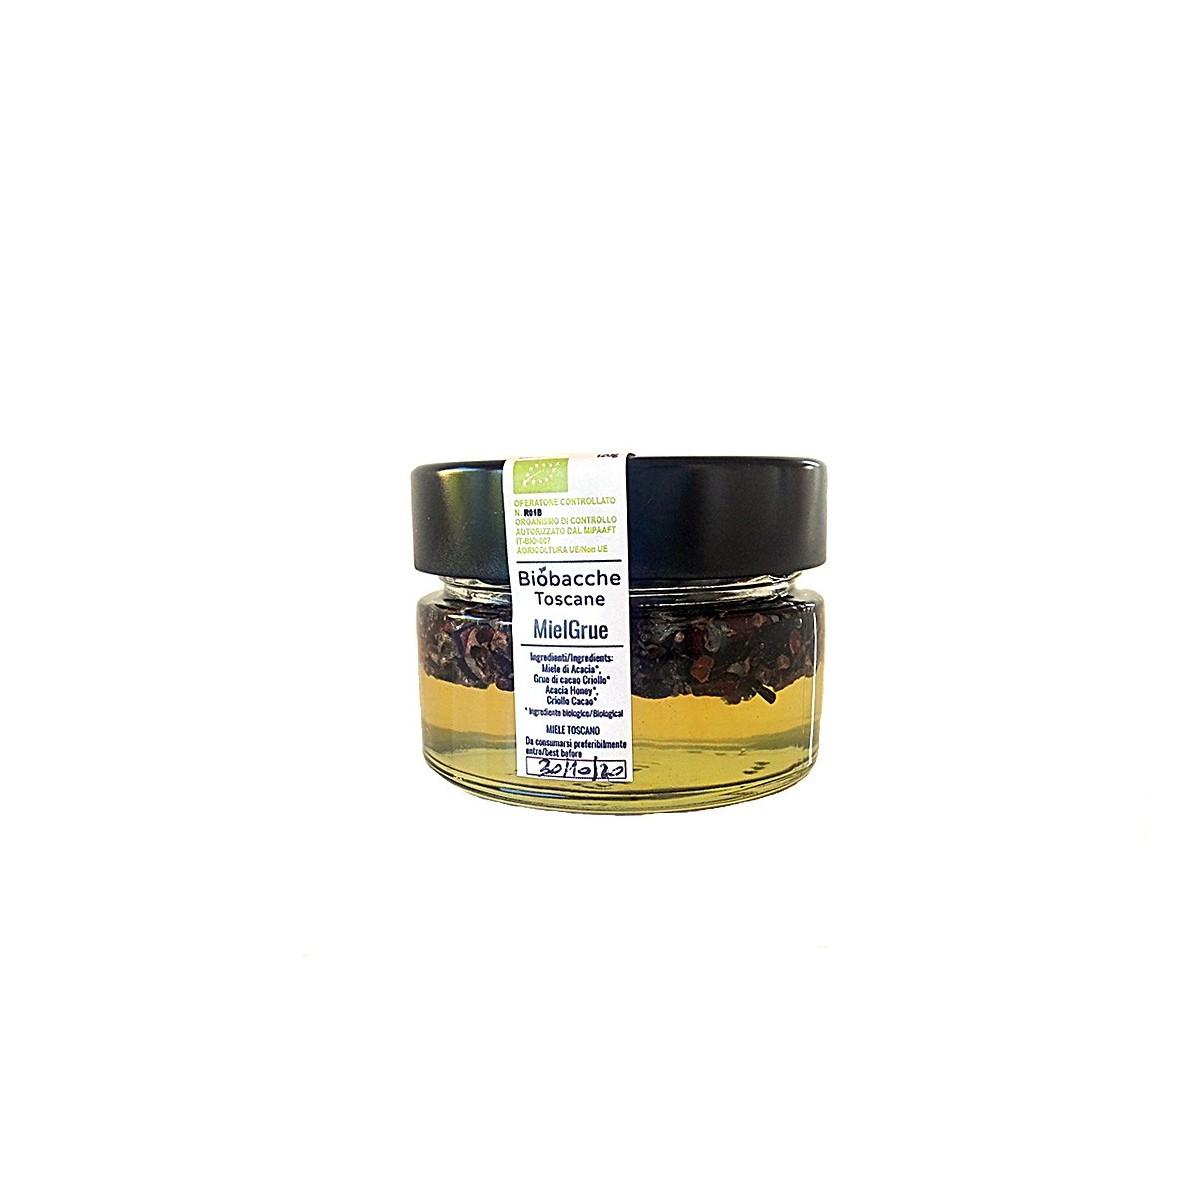 Miel Grue - Miele di Acacia Biologico Toscano e Grue di Cacao Criollo Biologico del Perù